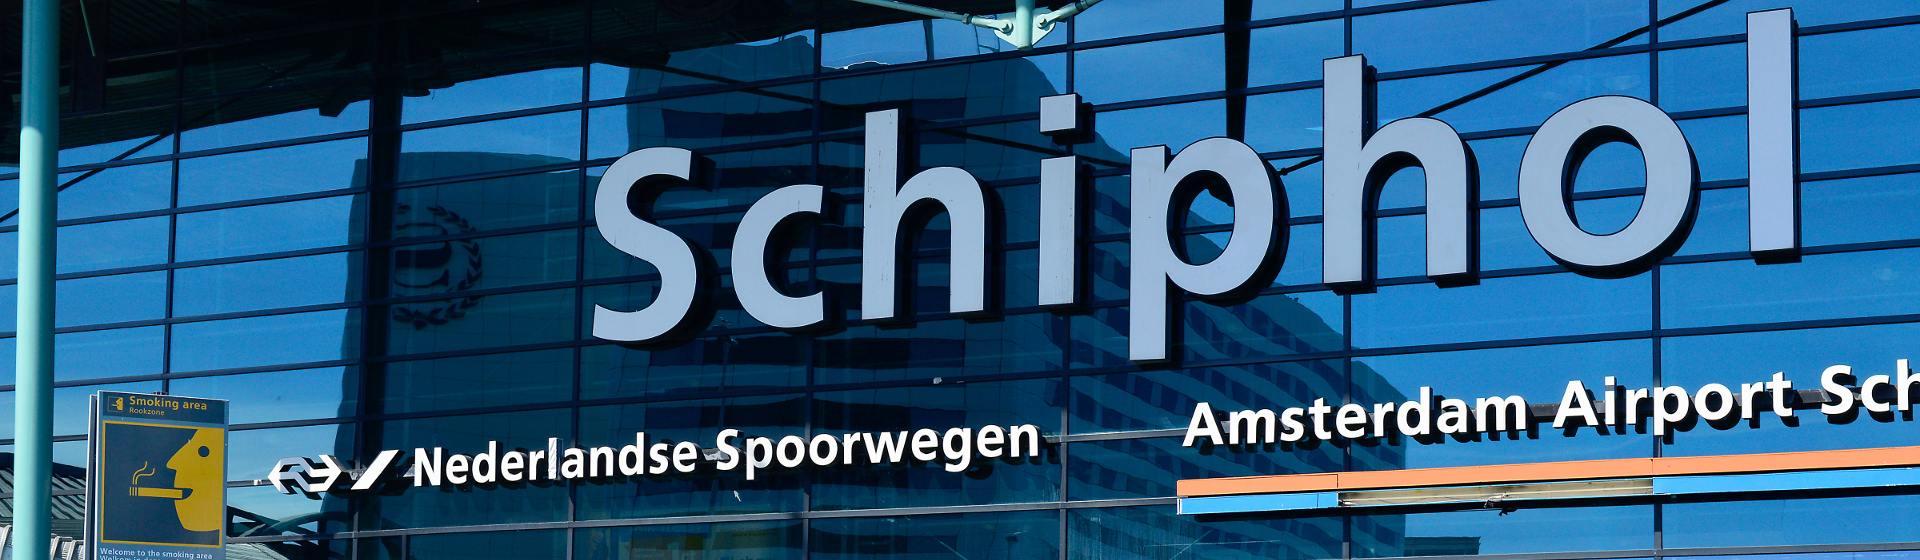 Vertraging op Schiphol door stroomstoring: waar heb je recht op?